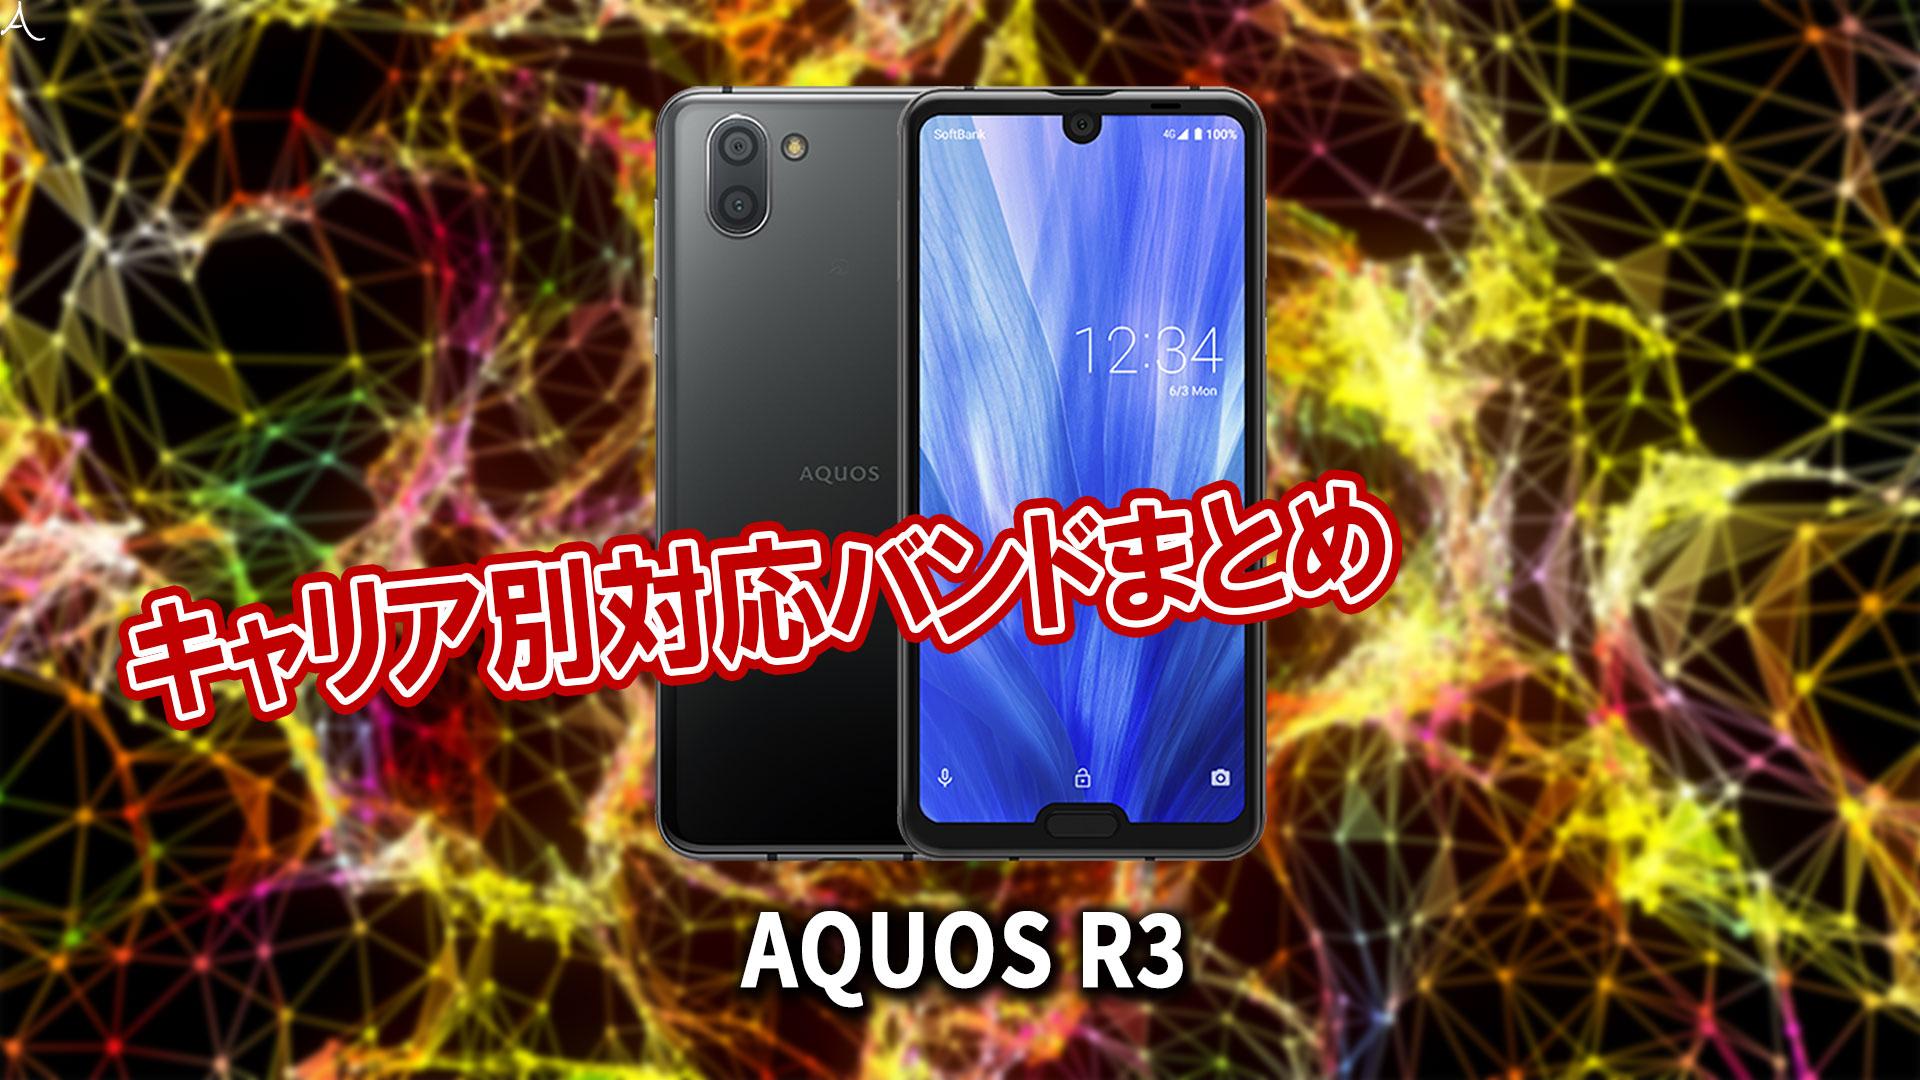 「AQUOS R3」の4G/LTE対応バンドまとめ